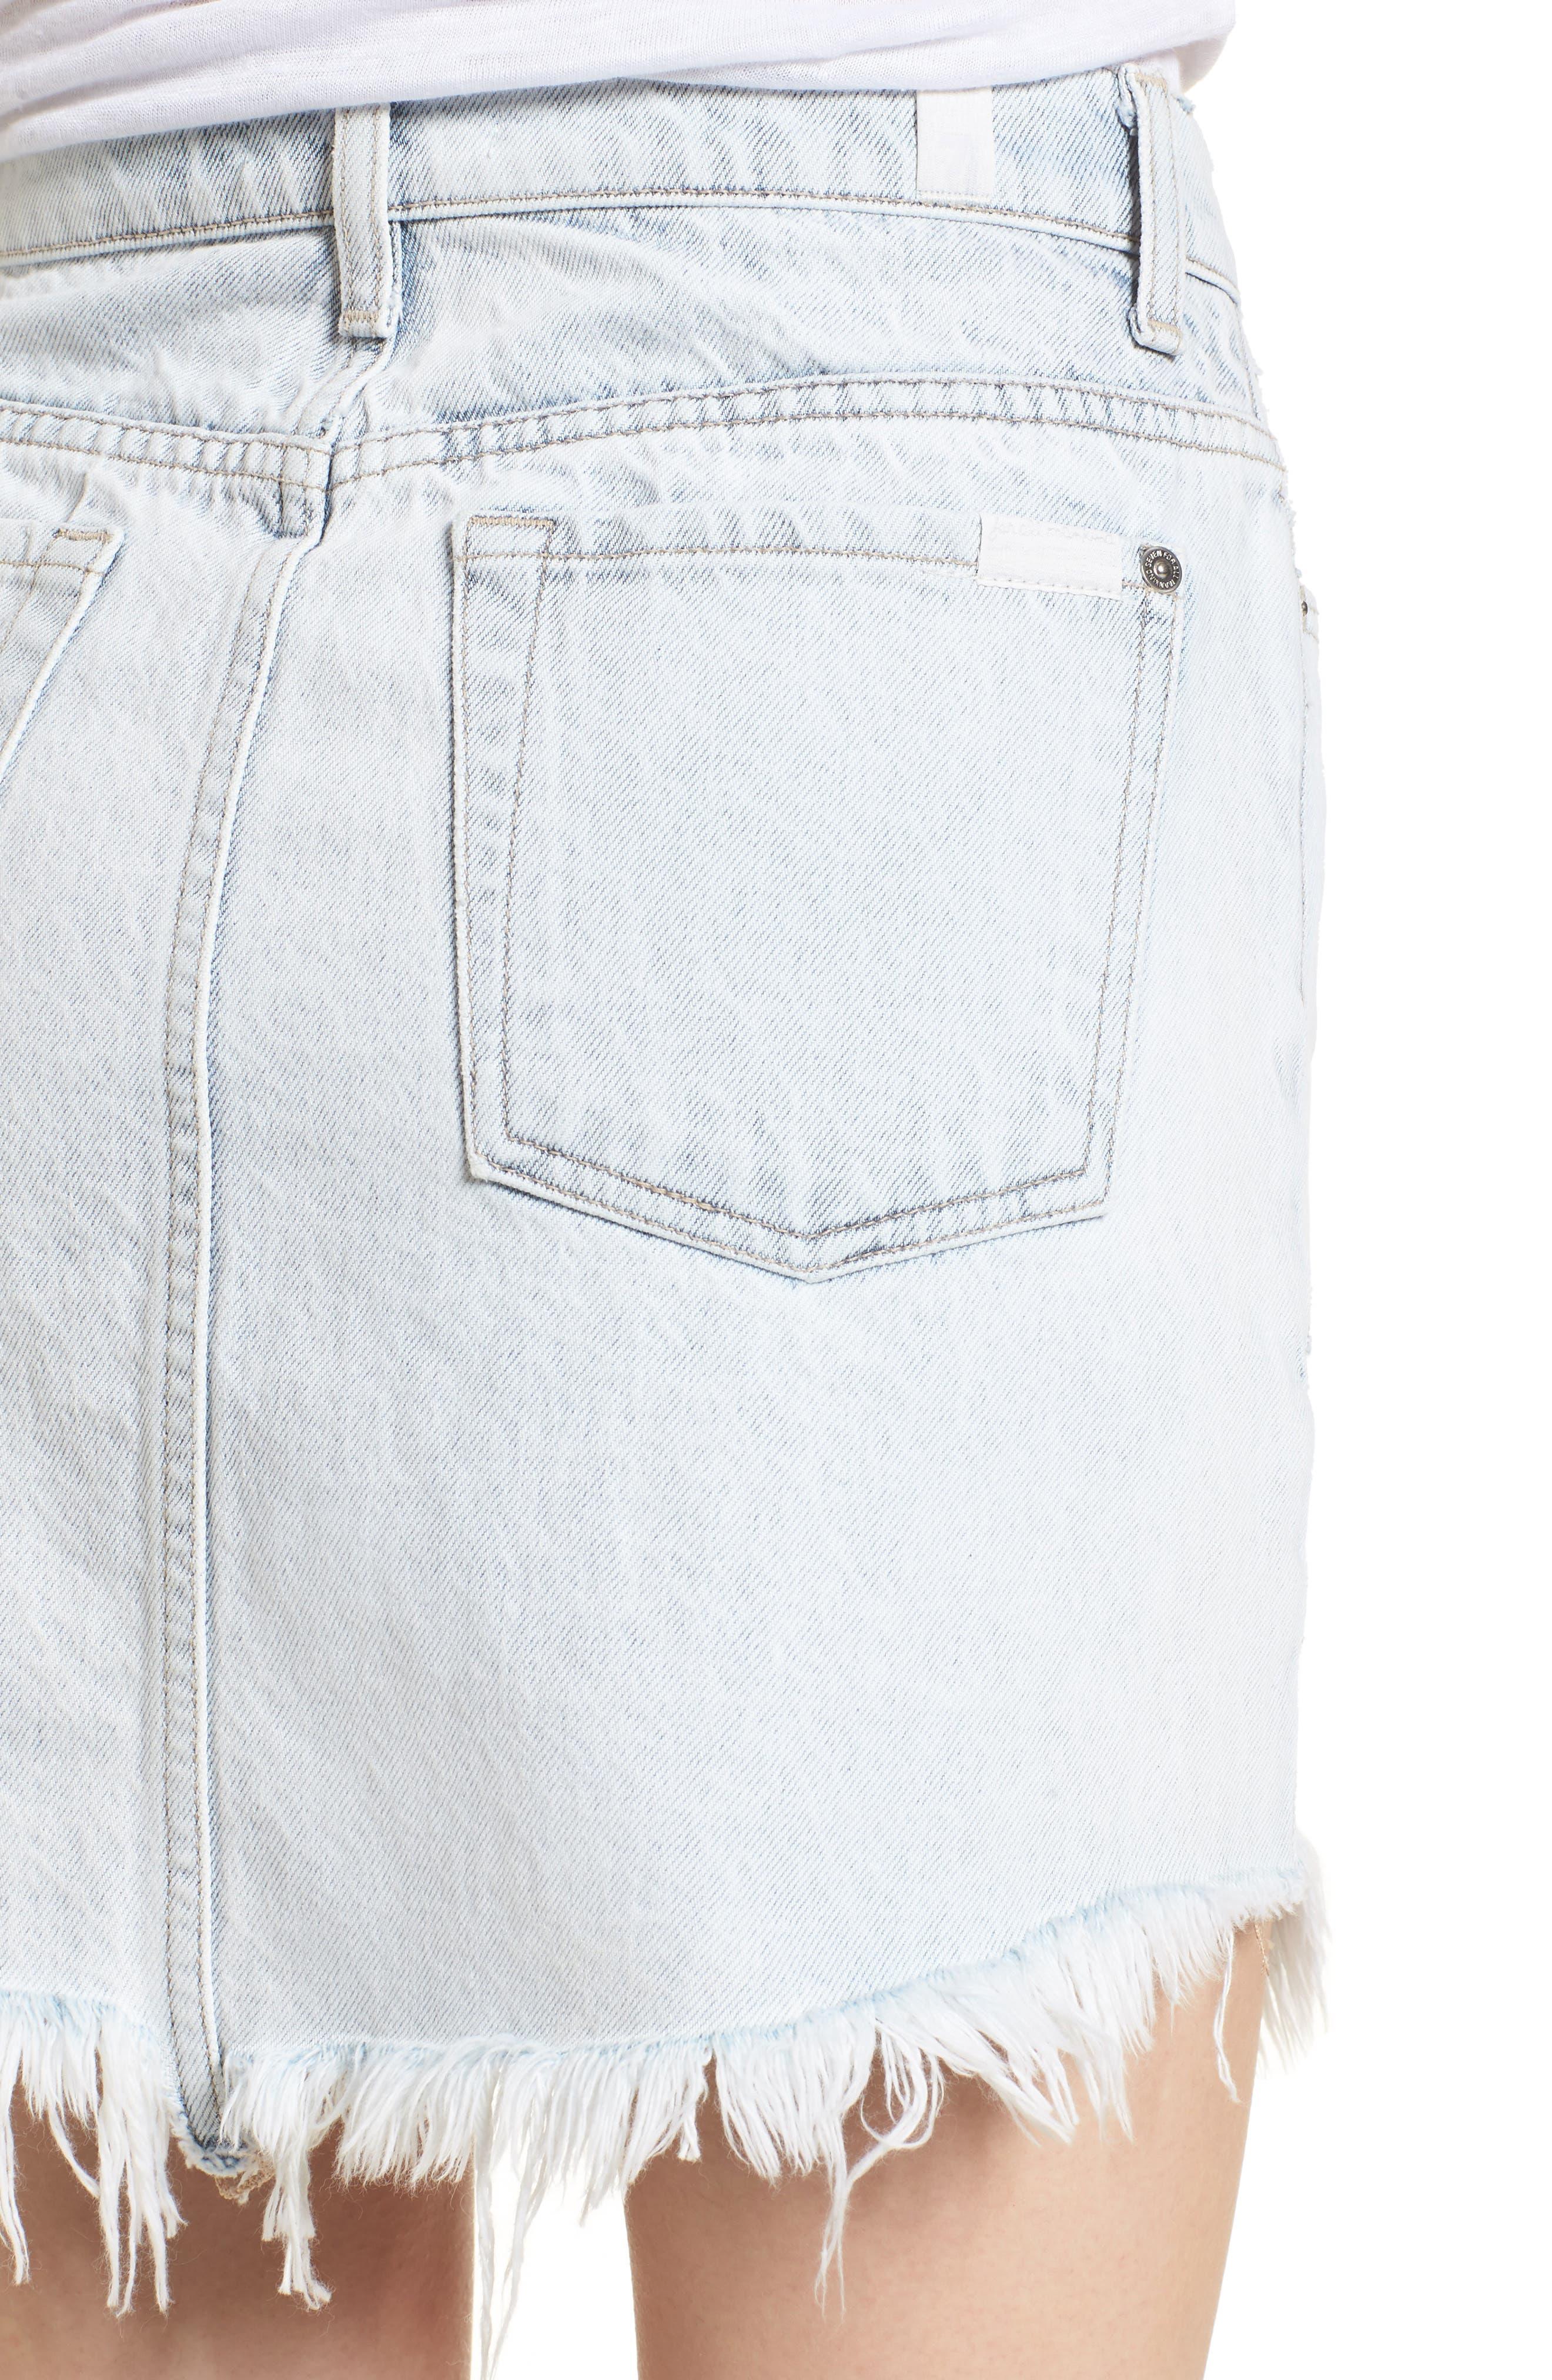 Scallop Fray Hem Denim Skirt,                             Alternate thumbnail 4, color,                             Desert Sun Bleached